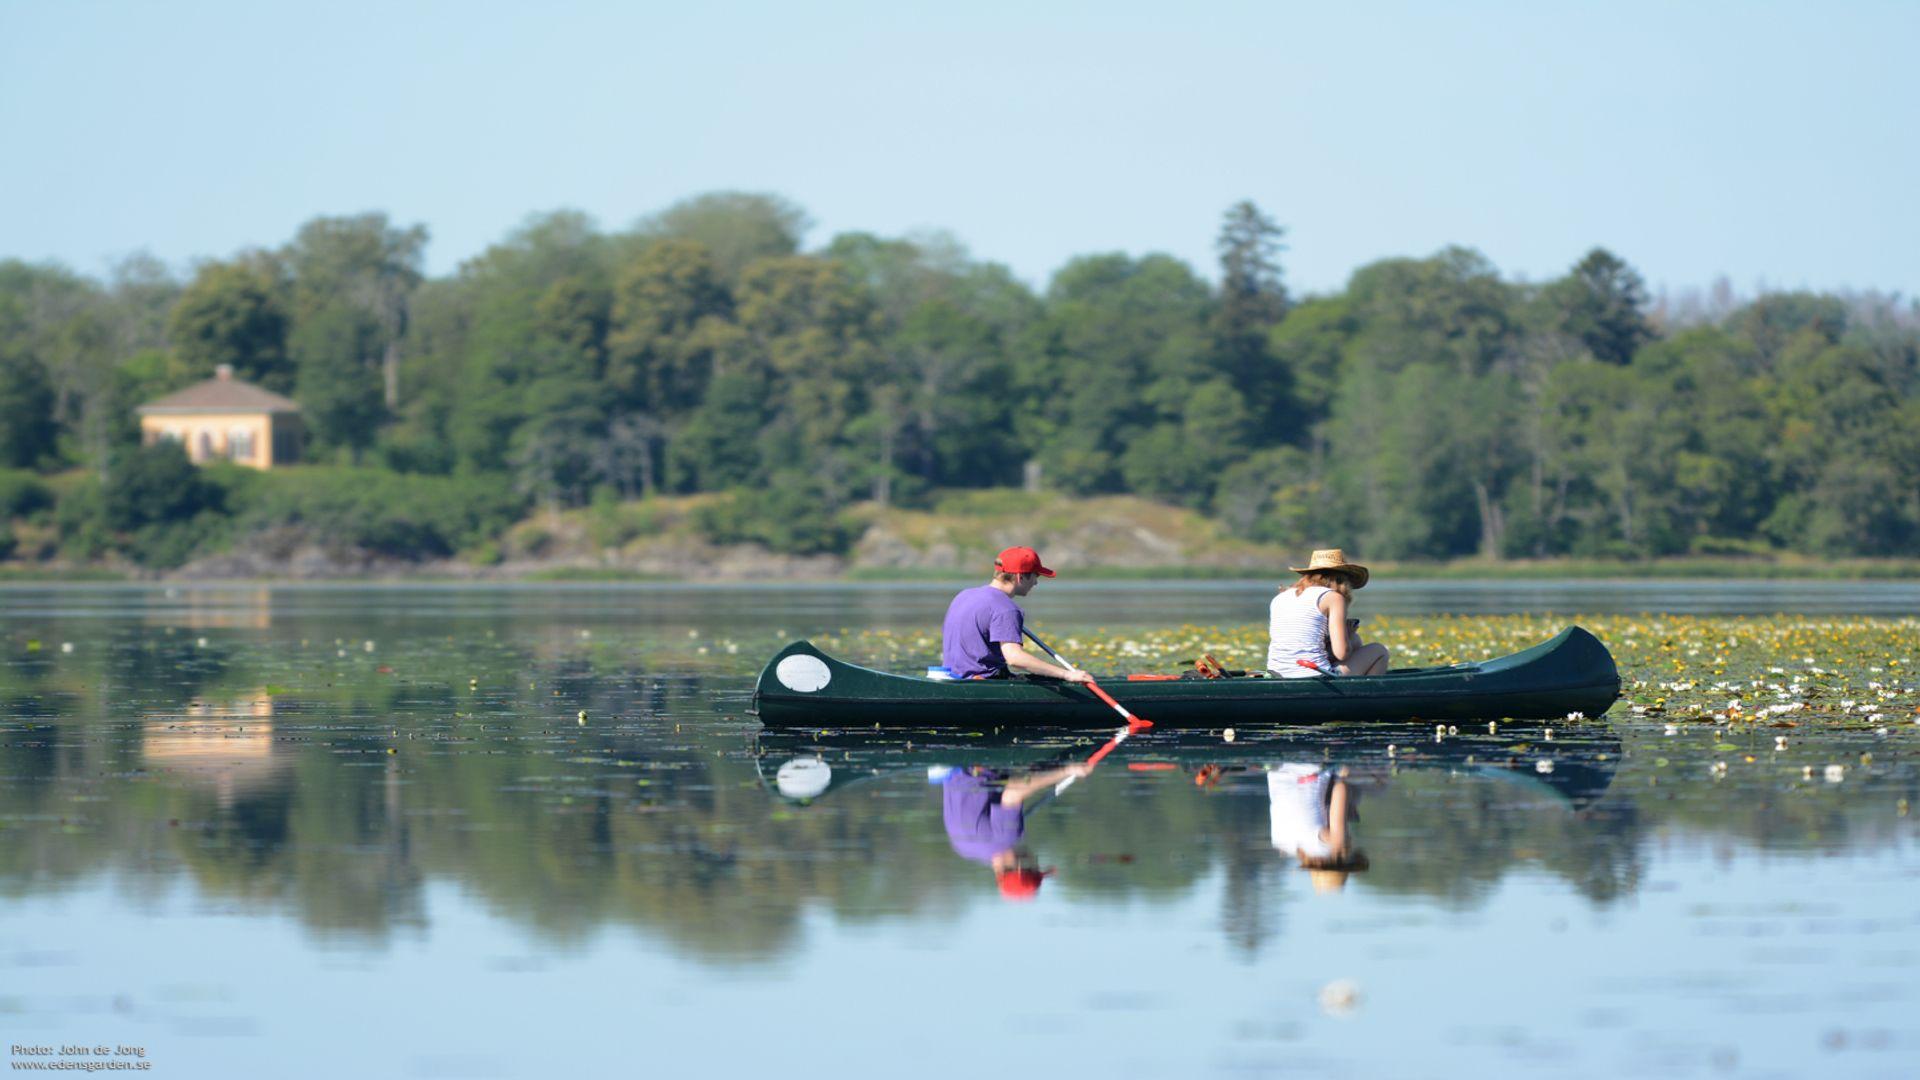 Två personer paddlar. Fotograf: Pressbild Edens Garden